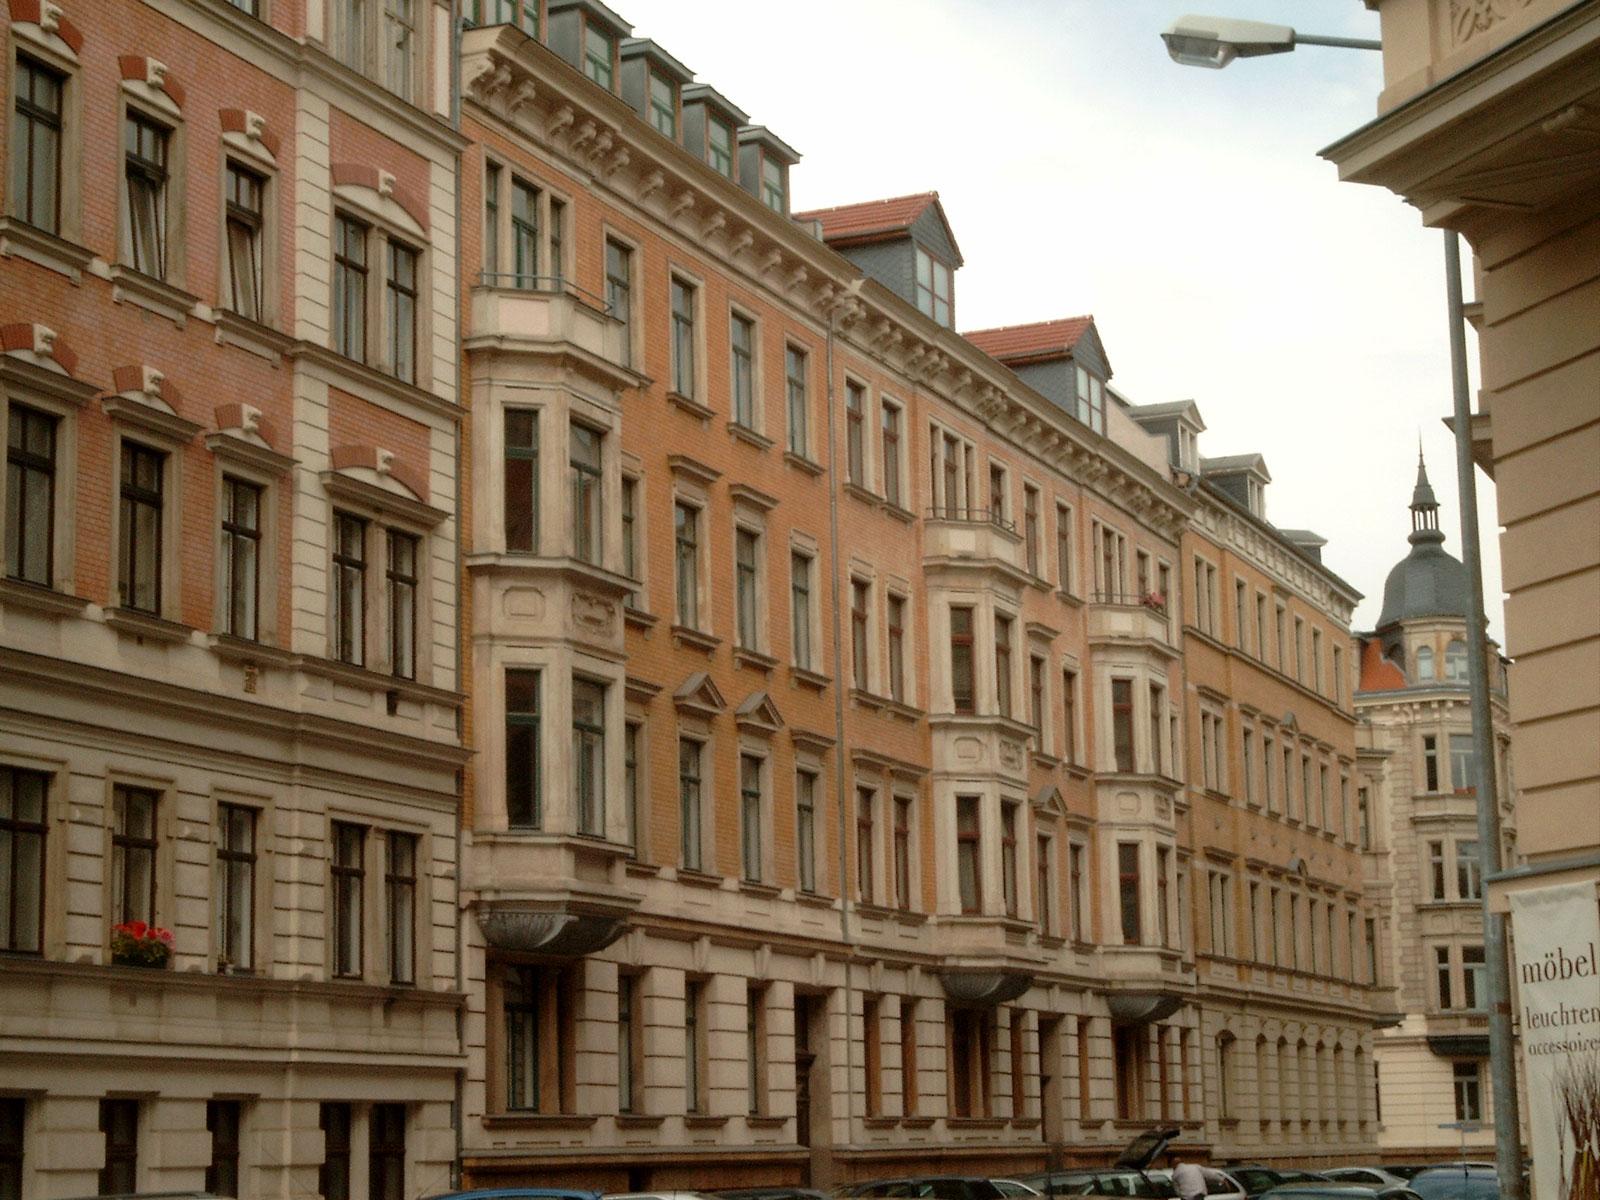 Verkauf Mehrfamilienhaus Waldstrassenviertel